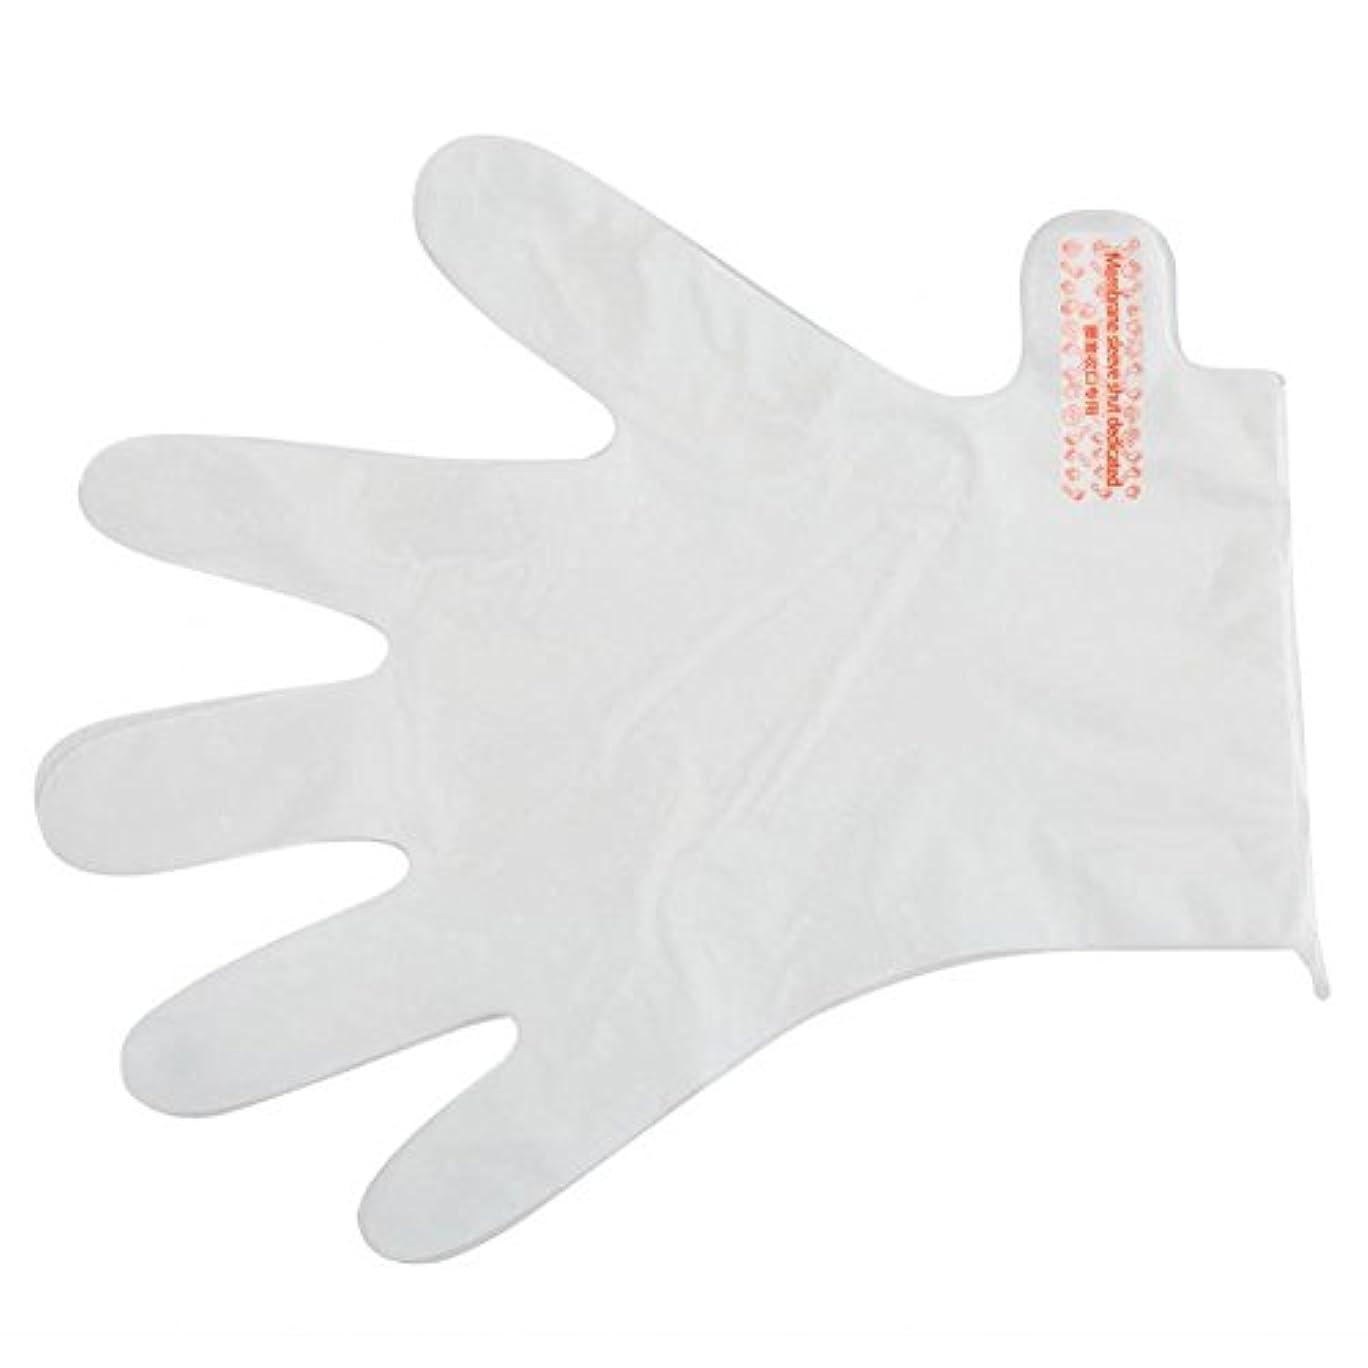 プレゼン突っ込む刑務所ハンドマスク ハンドパック 5セット 保湿 美白 手ケア ハンドケア 手袋 乾燥 肌荒れ対策 手 指 潤い ホワイトニング モイスチャー 自宅 しっとり